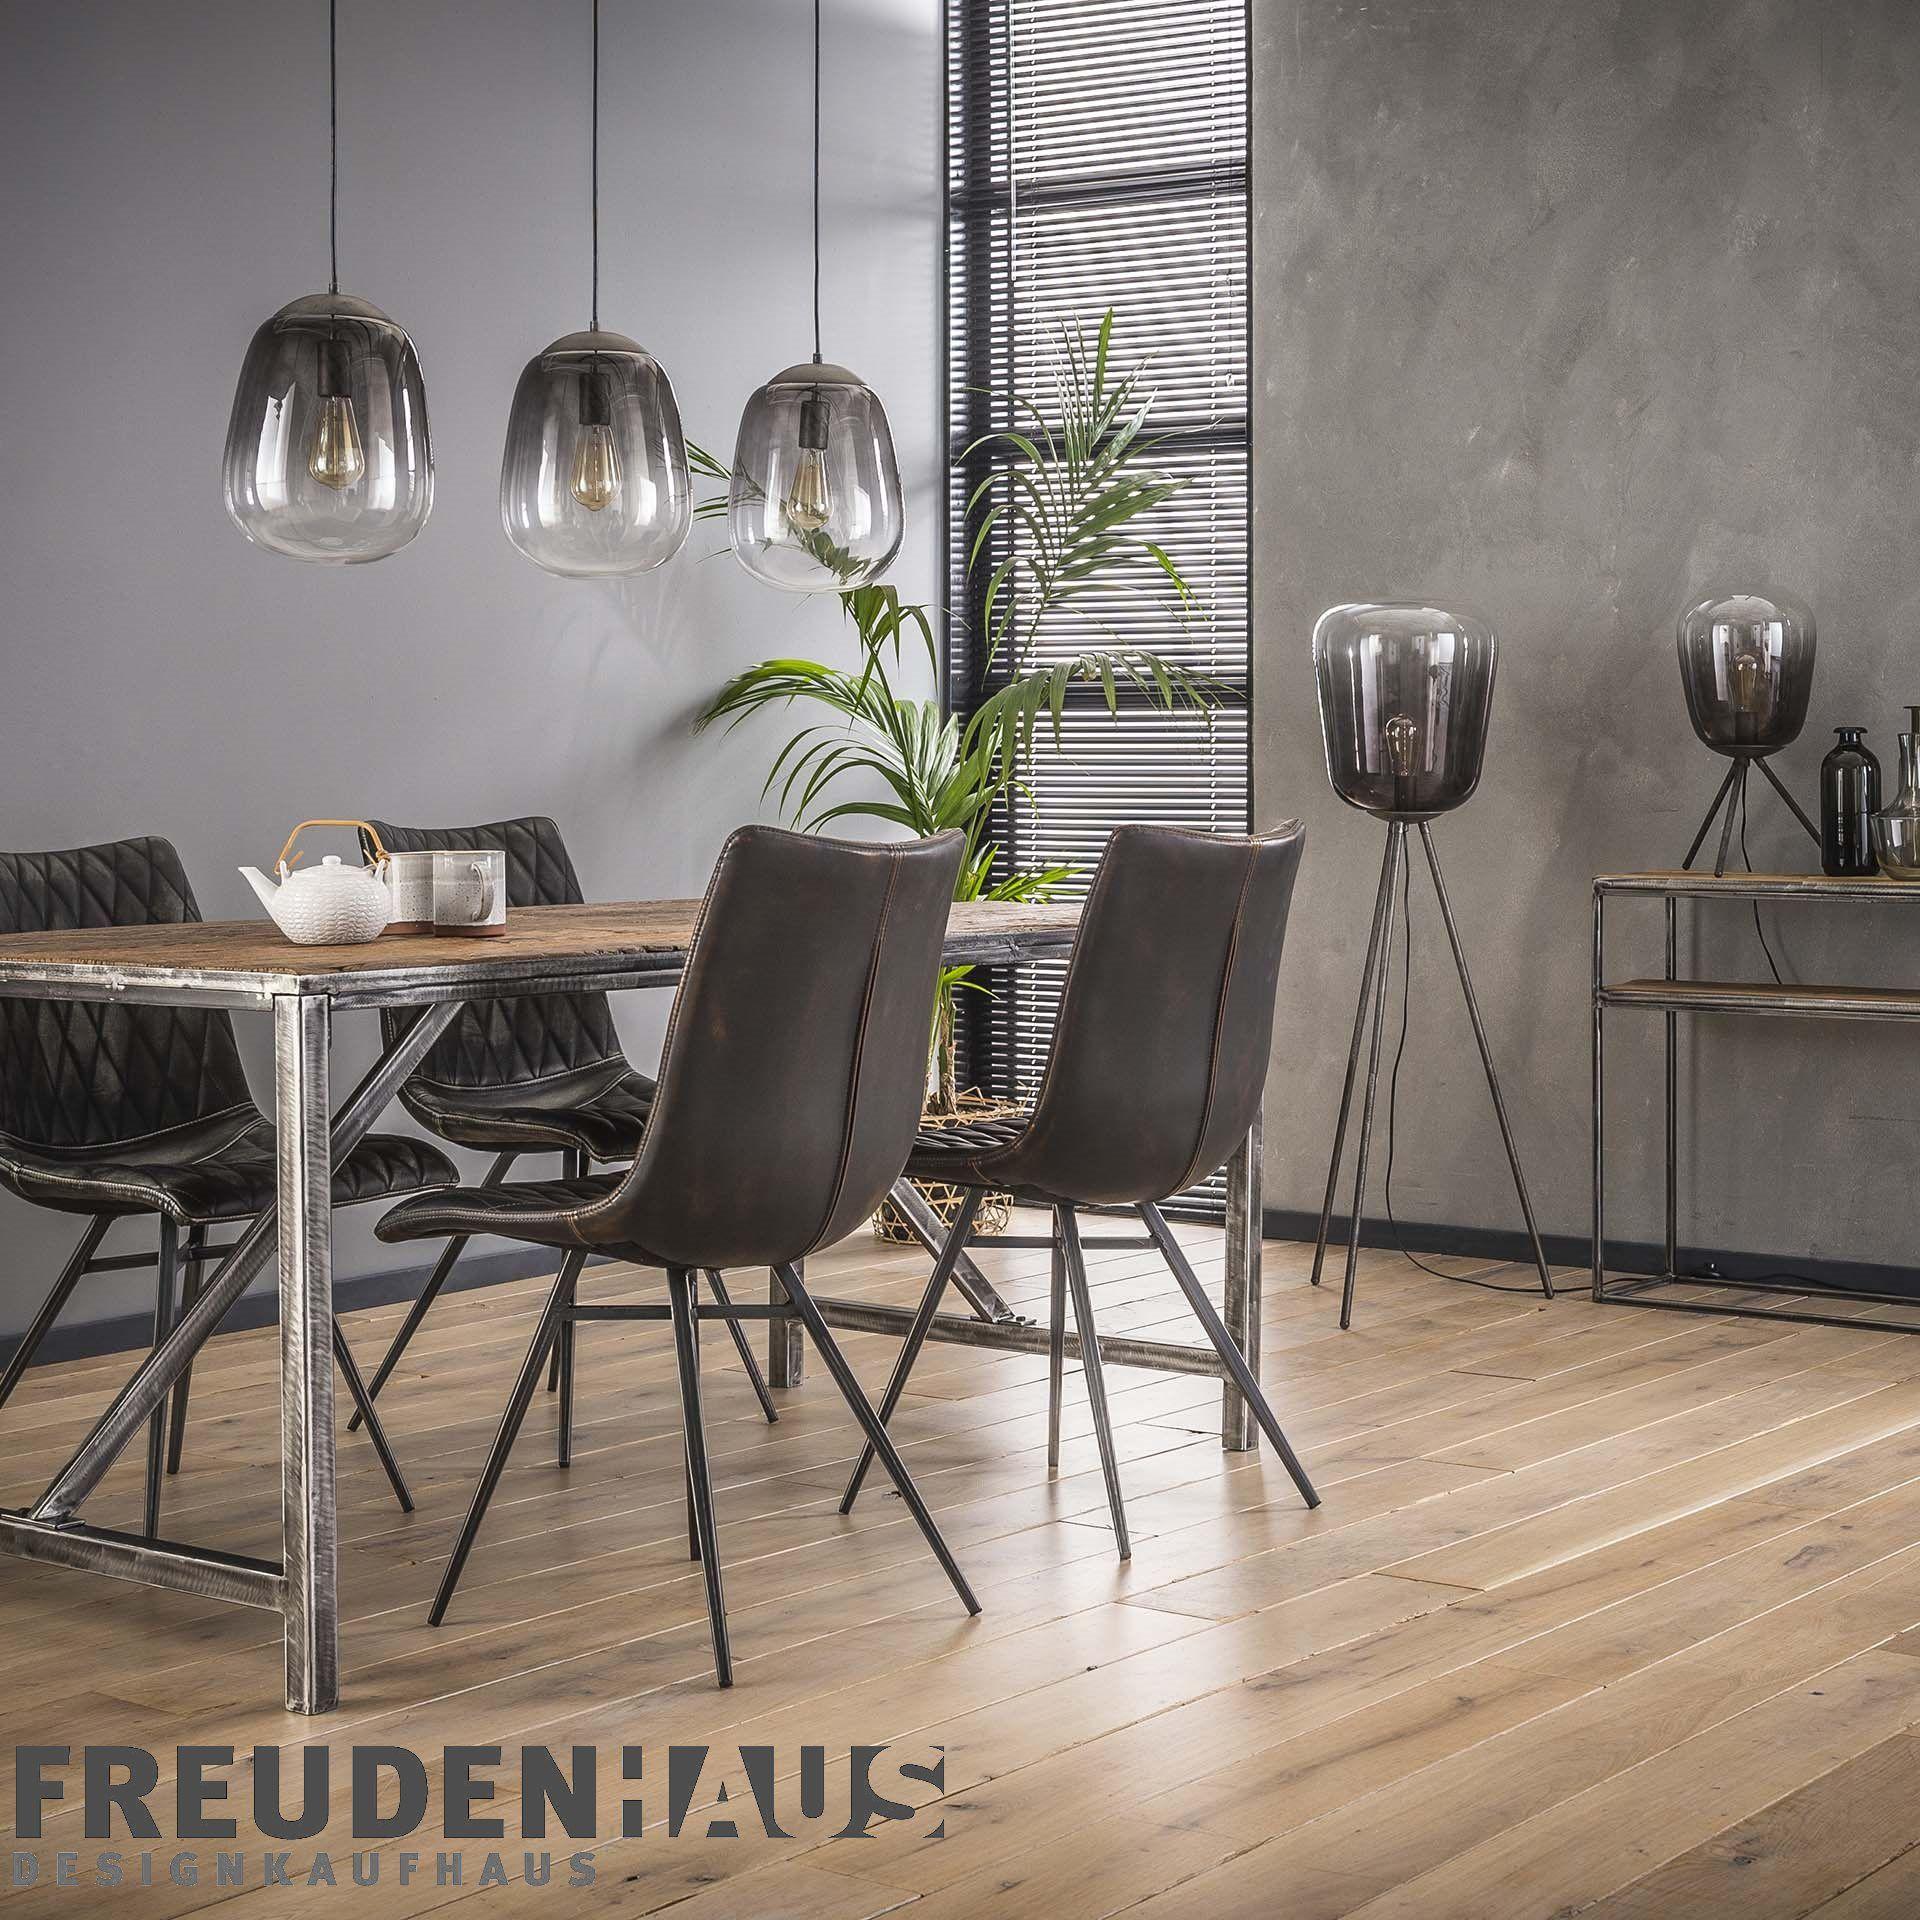 Hangelampe Shaded Bulb 3er Industrial Getontes Rauchglas Altsilber M Beleuchtung Hangelampen Freudenhaus Designkauf Rauchglas Esszimmer Beleuchtung Lampe